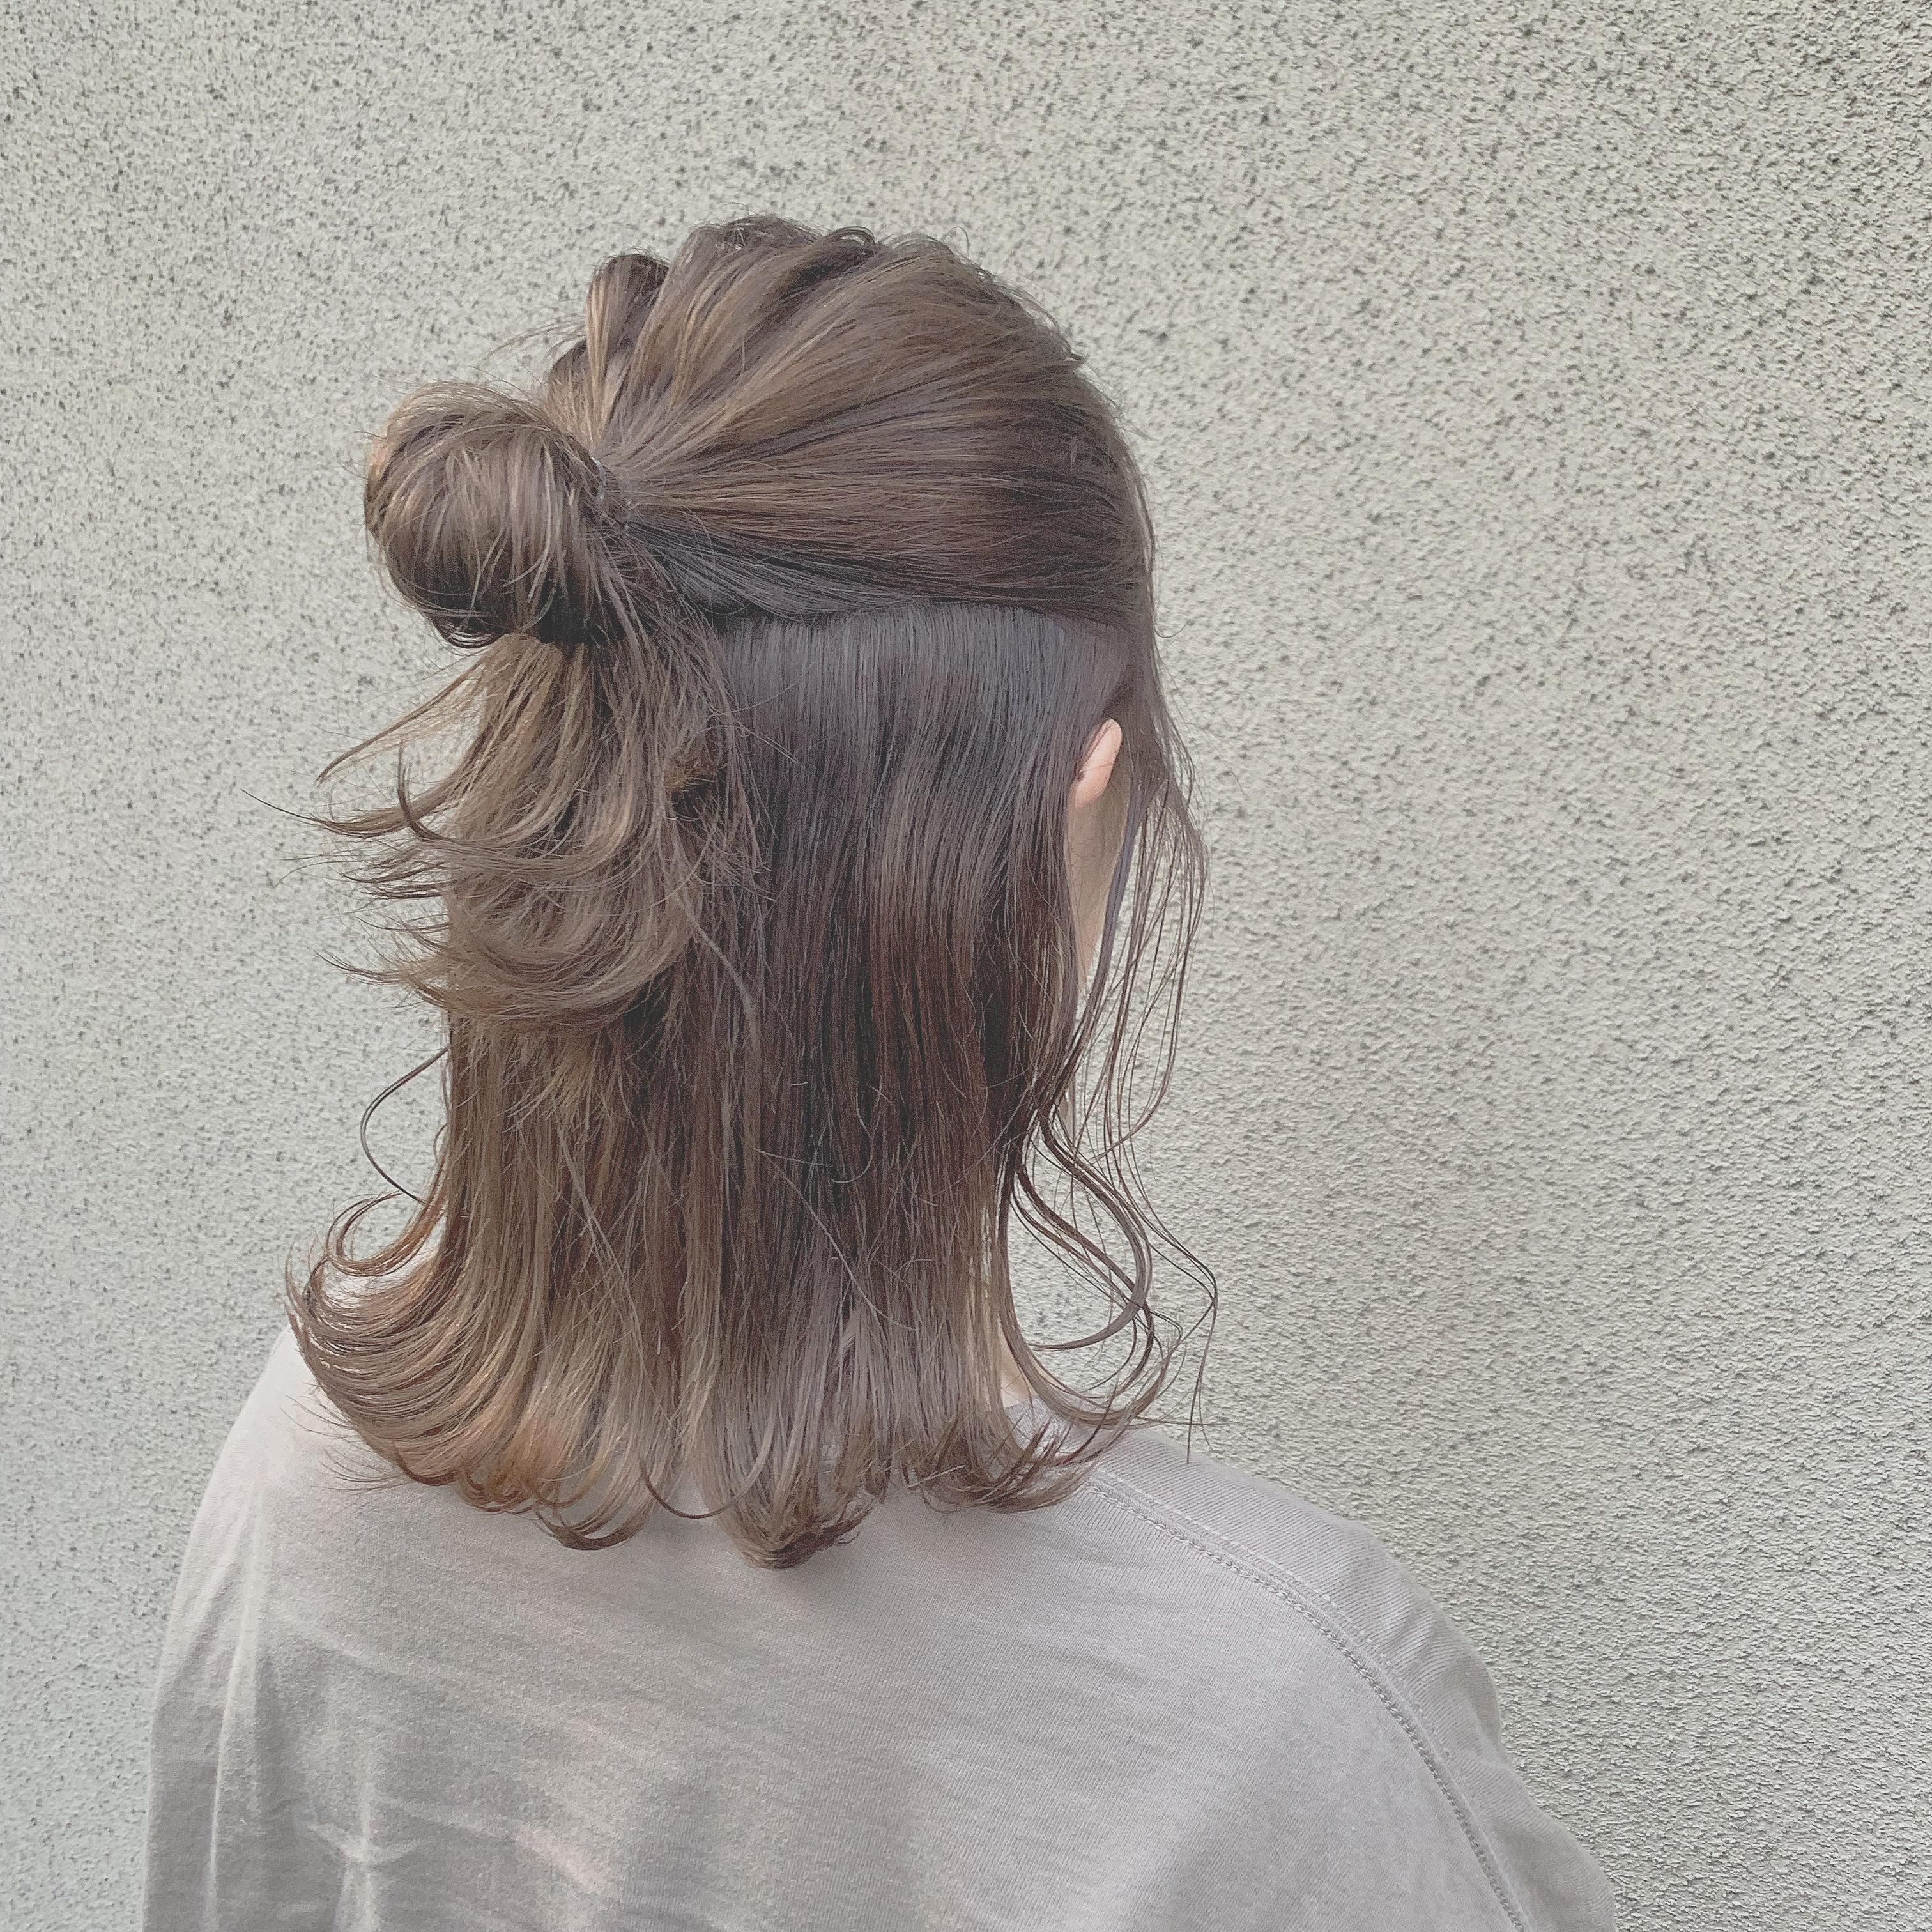 【女子大生のリアル事情】雨の日はまとめ髪がいい!朝のセットから夜までかわいい簡単ヘアアレンジをご紹介♡